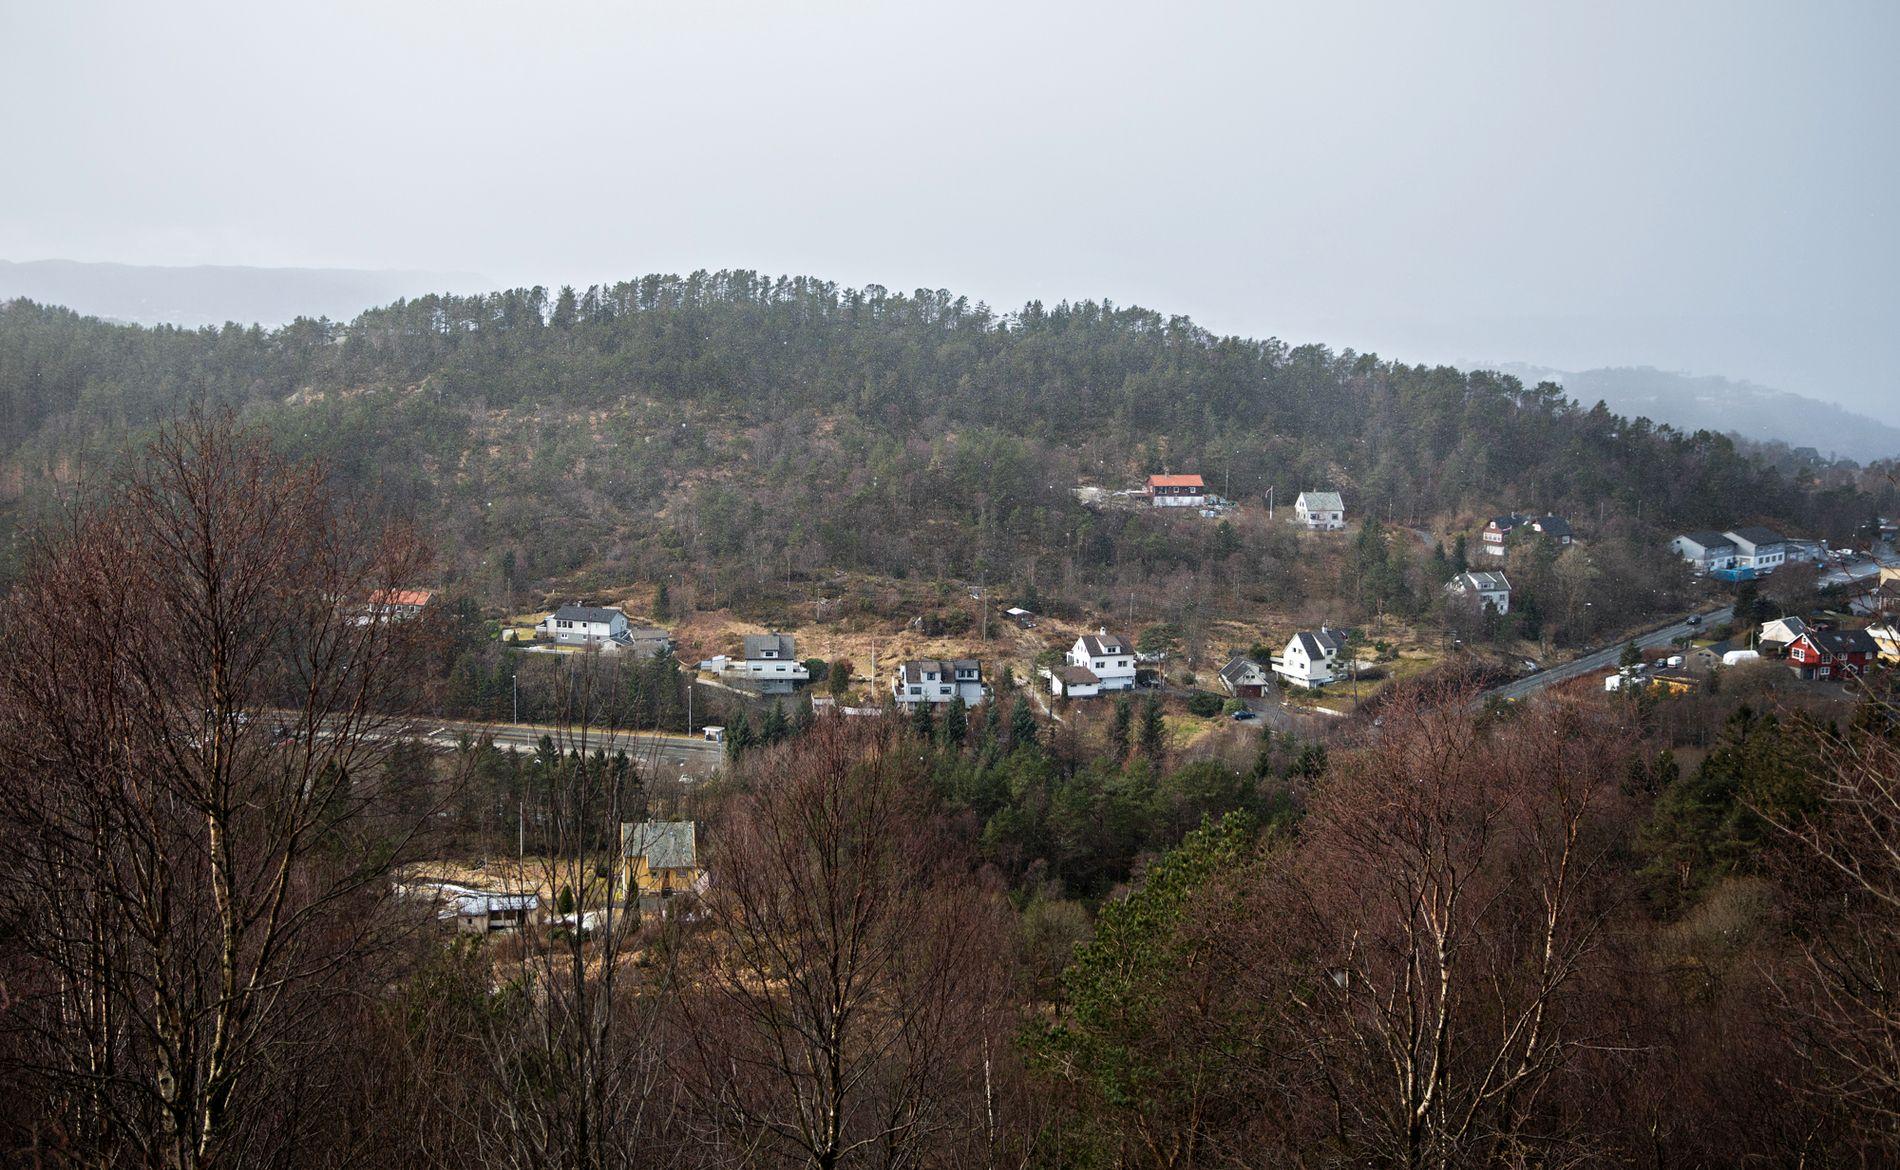 BYGGELAND KUTTES: I forslaget til ny arealplan (KPA) for Bergen, som byrådet snart skal vedta, foreslås det å gjøre 7000 mål med byggeland om til landbruks-, natur- og friluftsområde. Blant annet på grunn av insekter. Her er området Harafjellet hvor det er snakk om utbygginger.